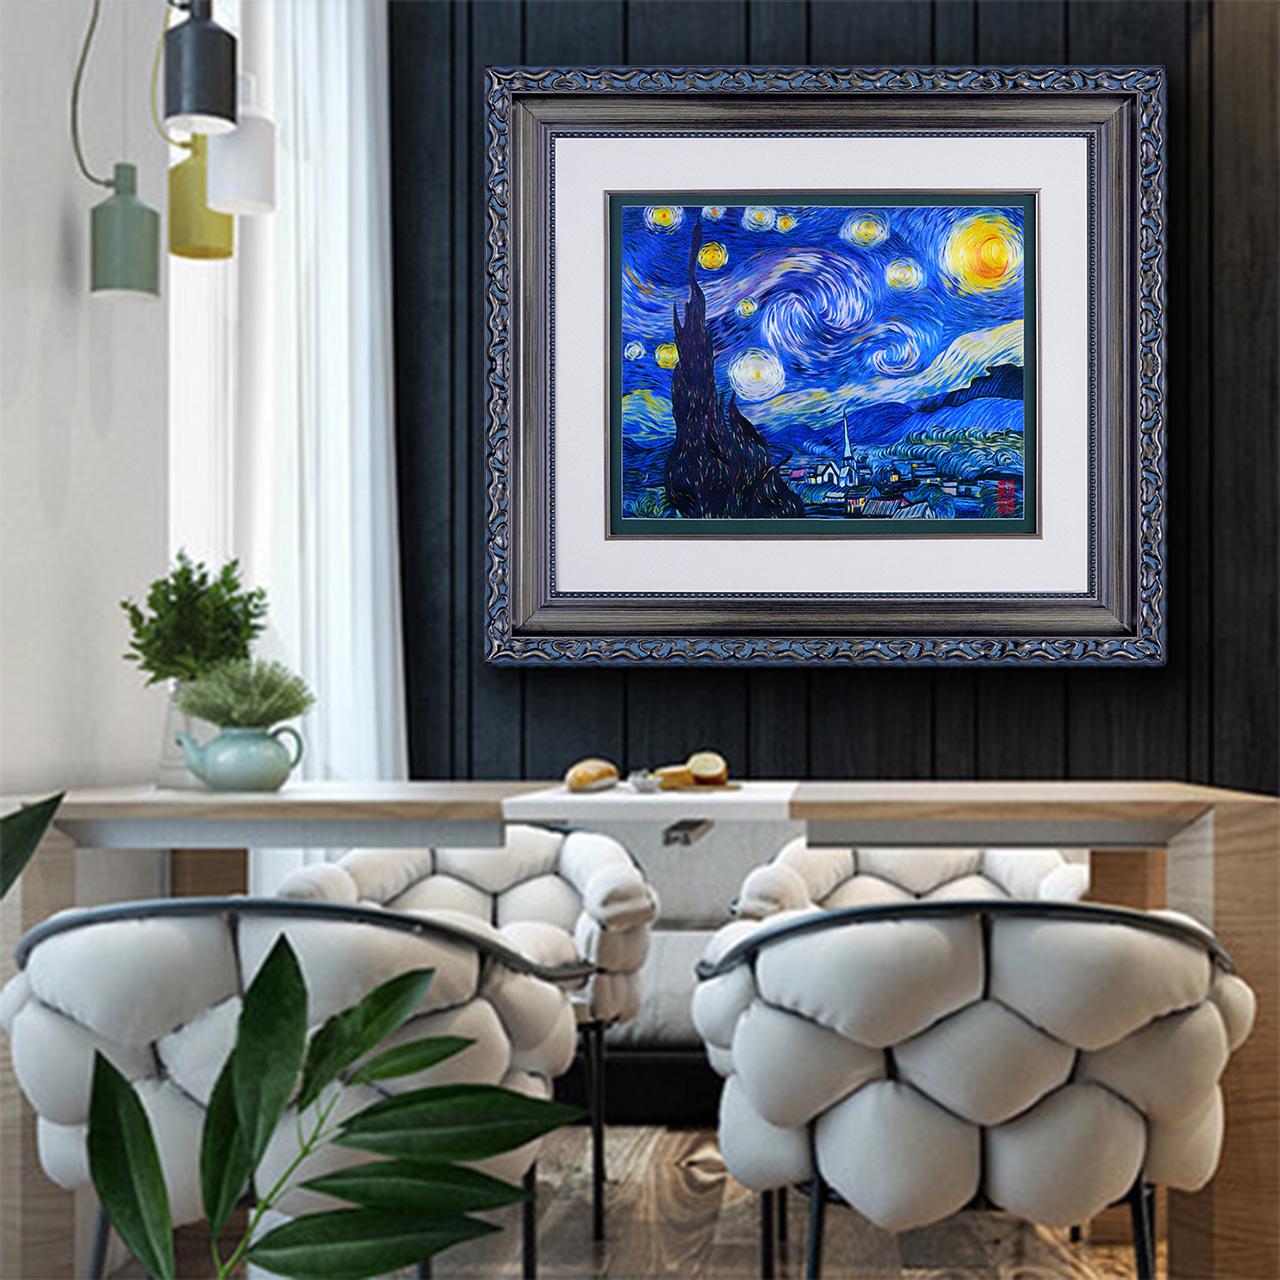 梵高装饰画艺术画挂画餐厅壁画单幅欧式墙画星空油画苏绣刺绣手工